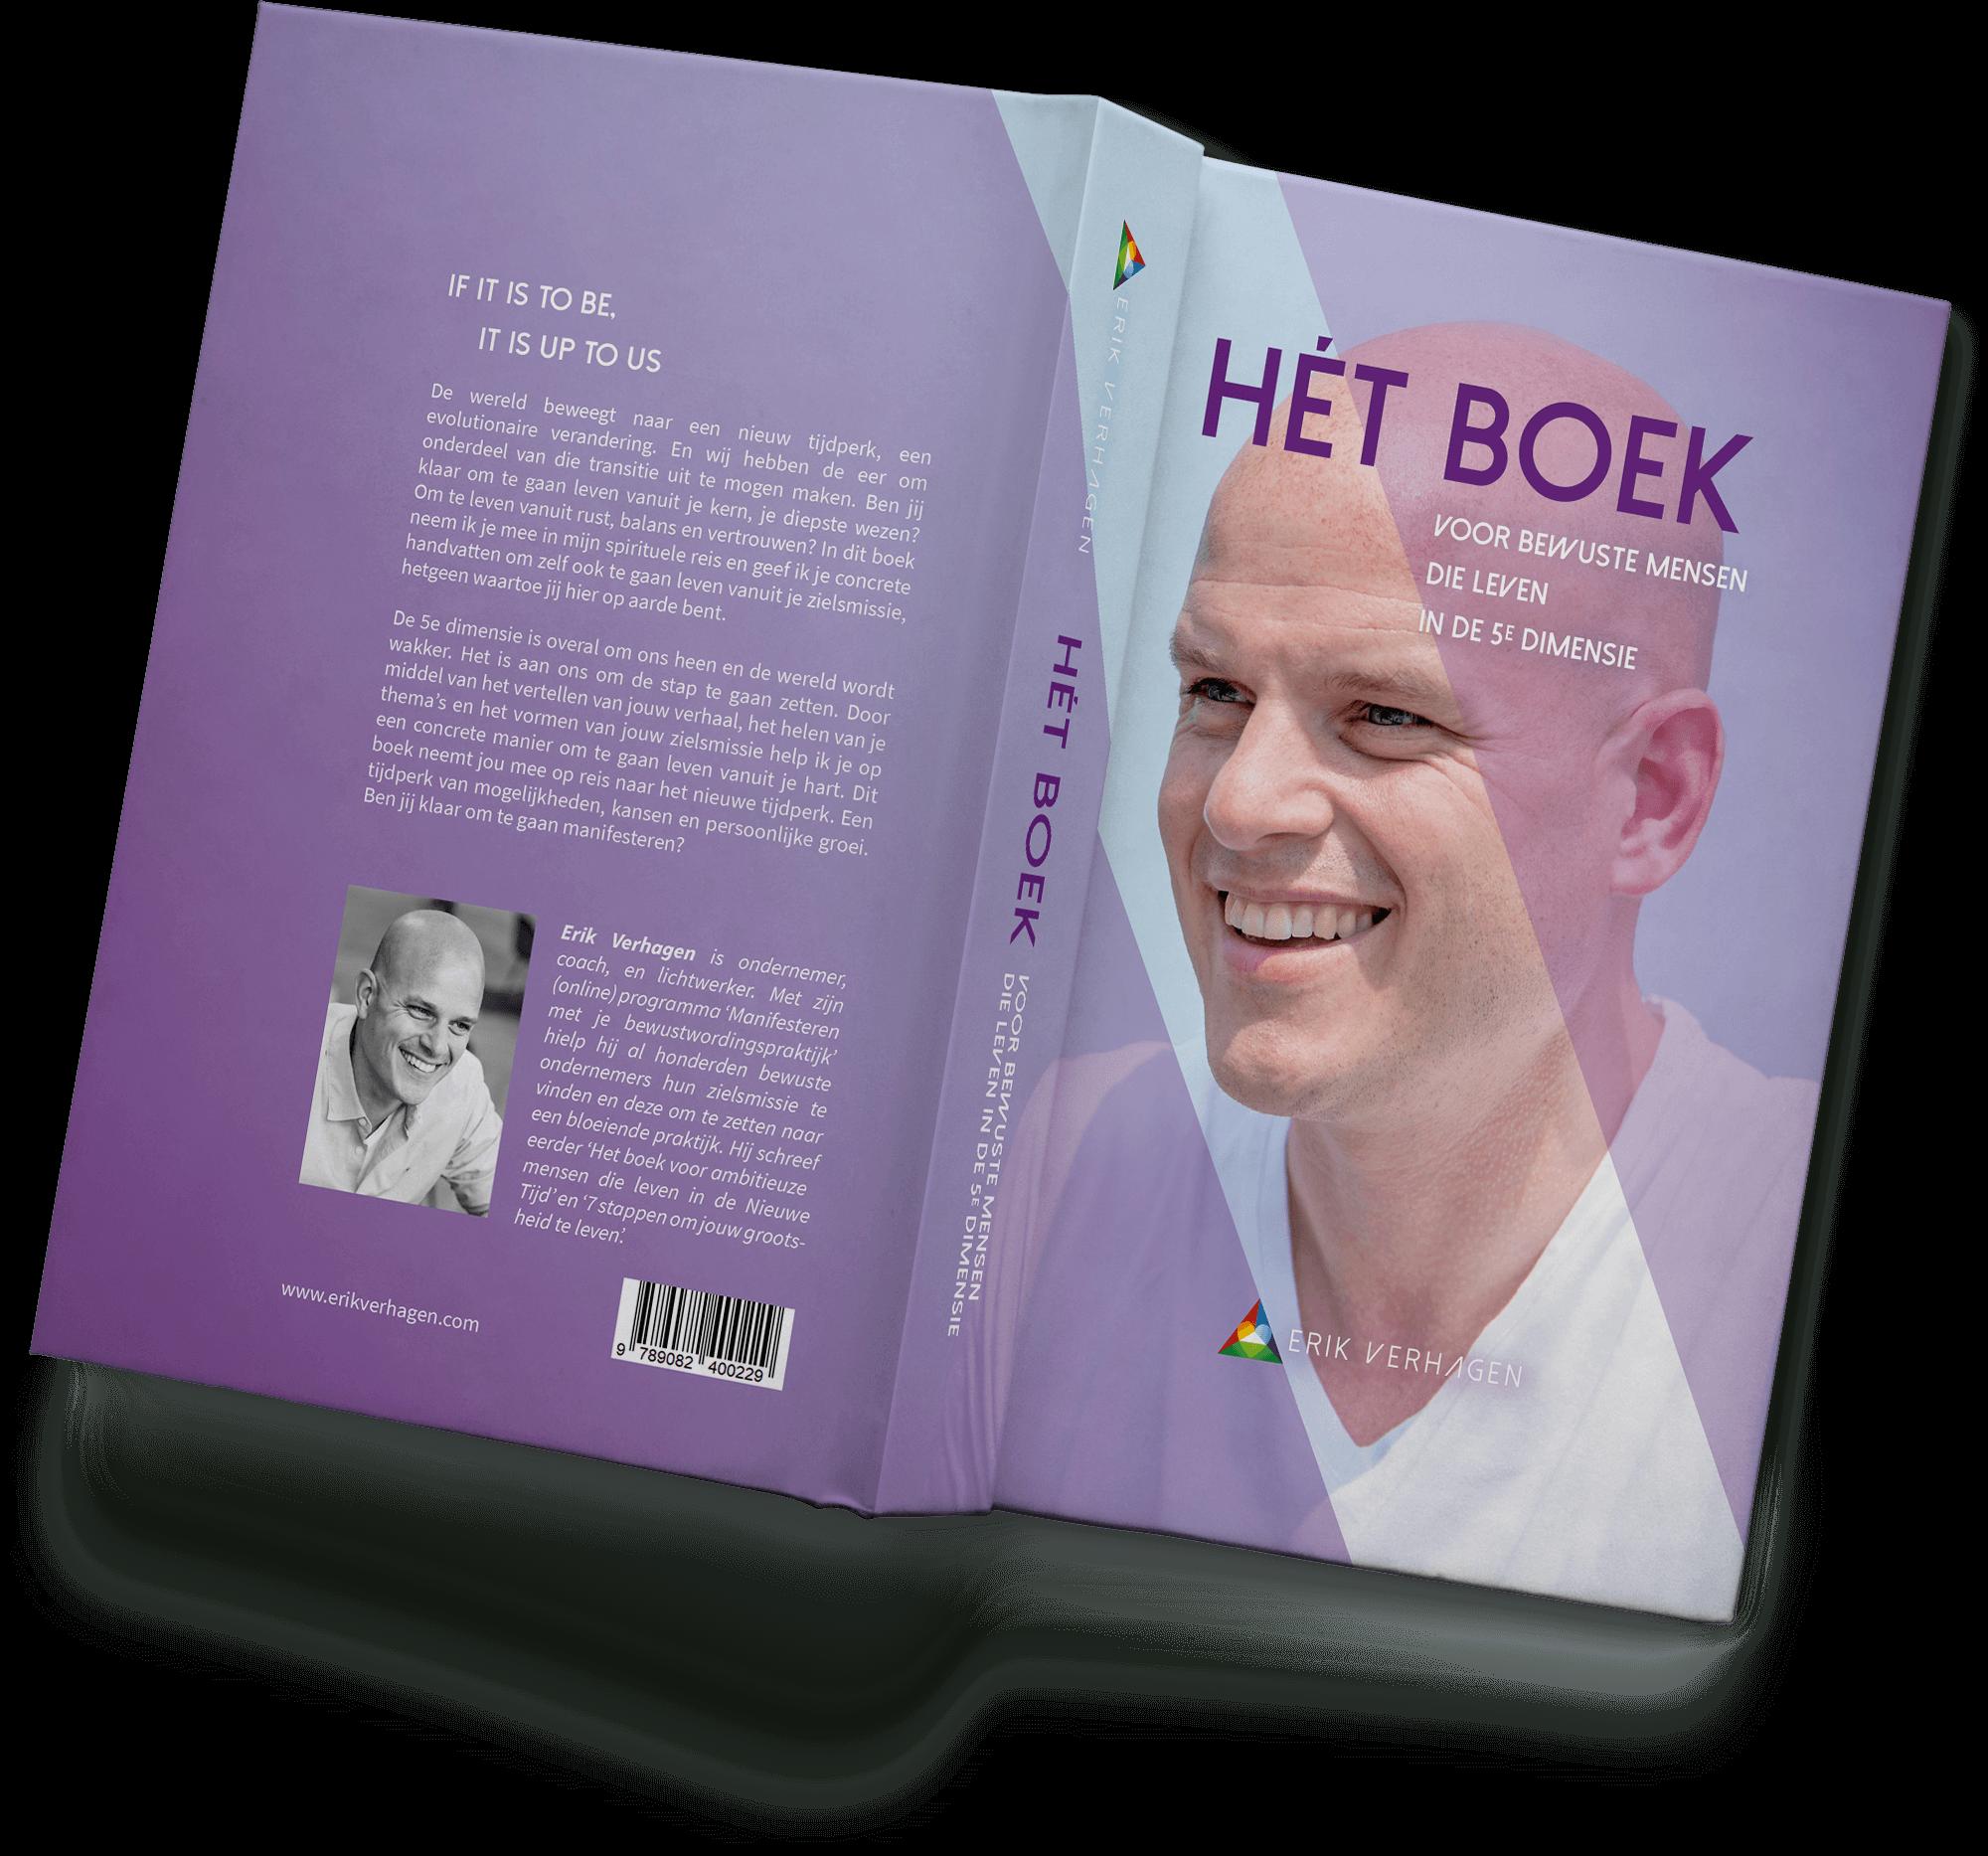 Leven in 5D- Erik Verhagen